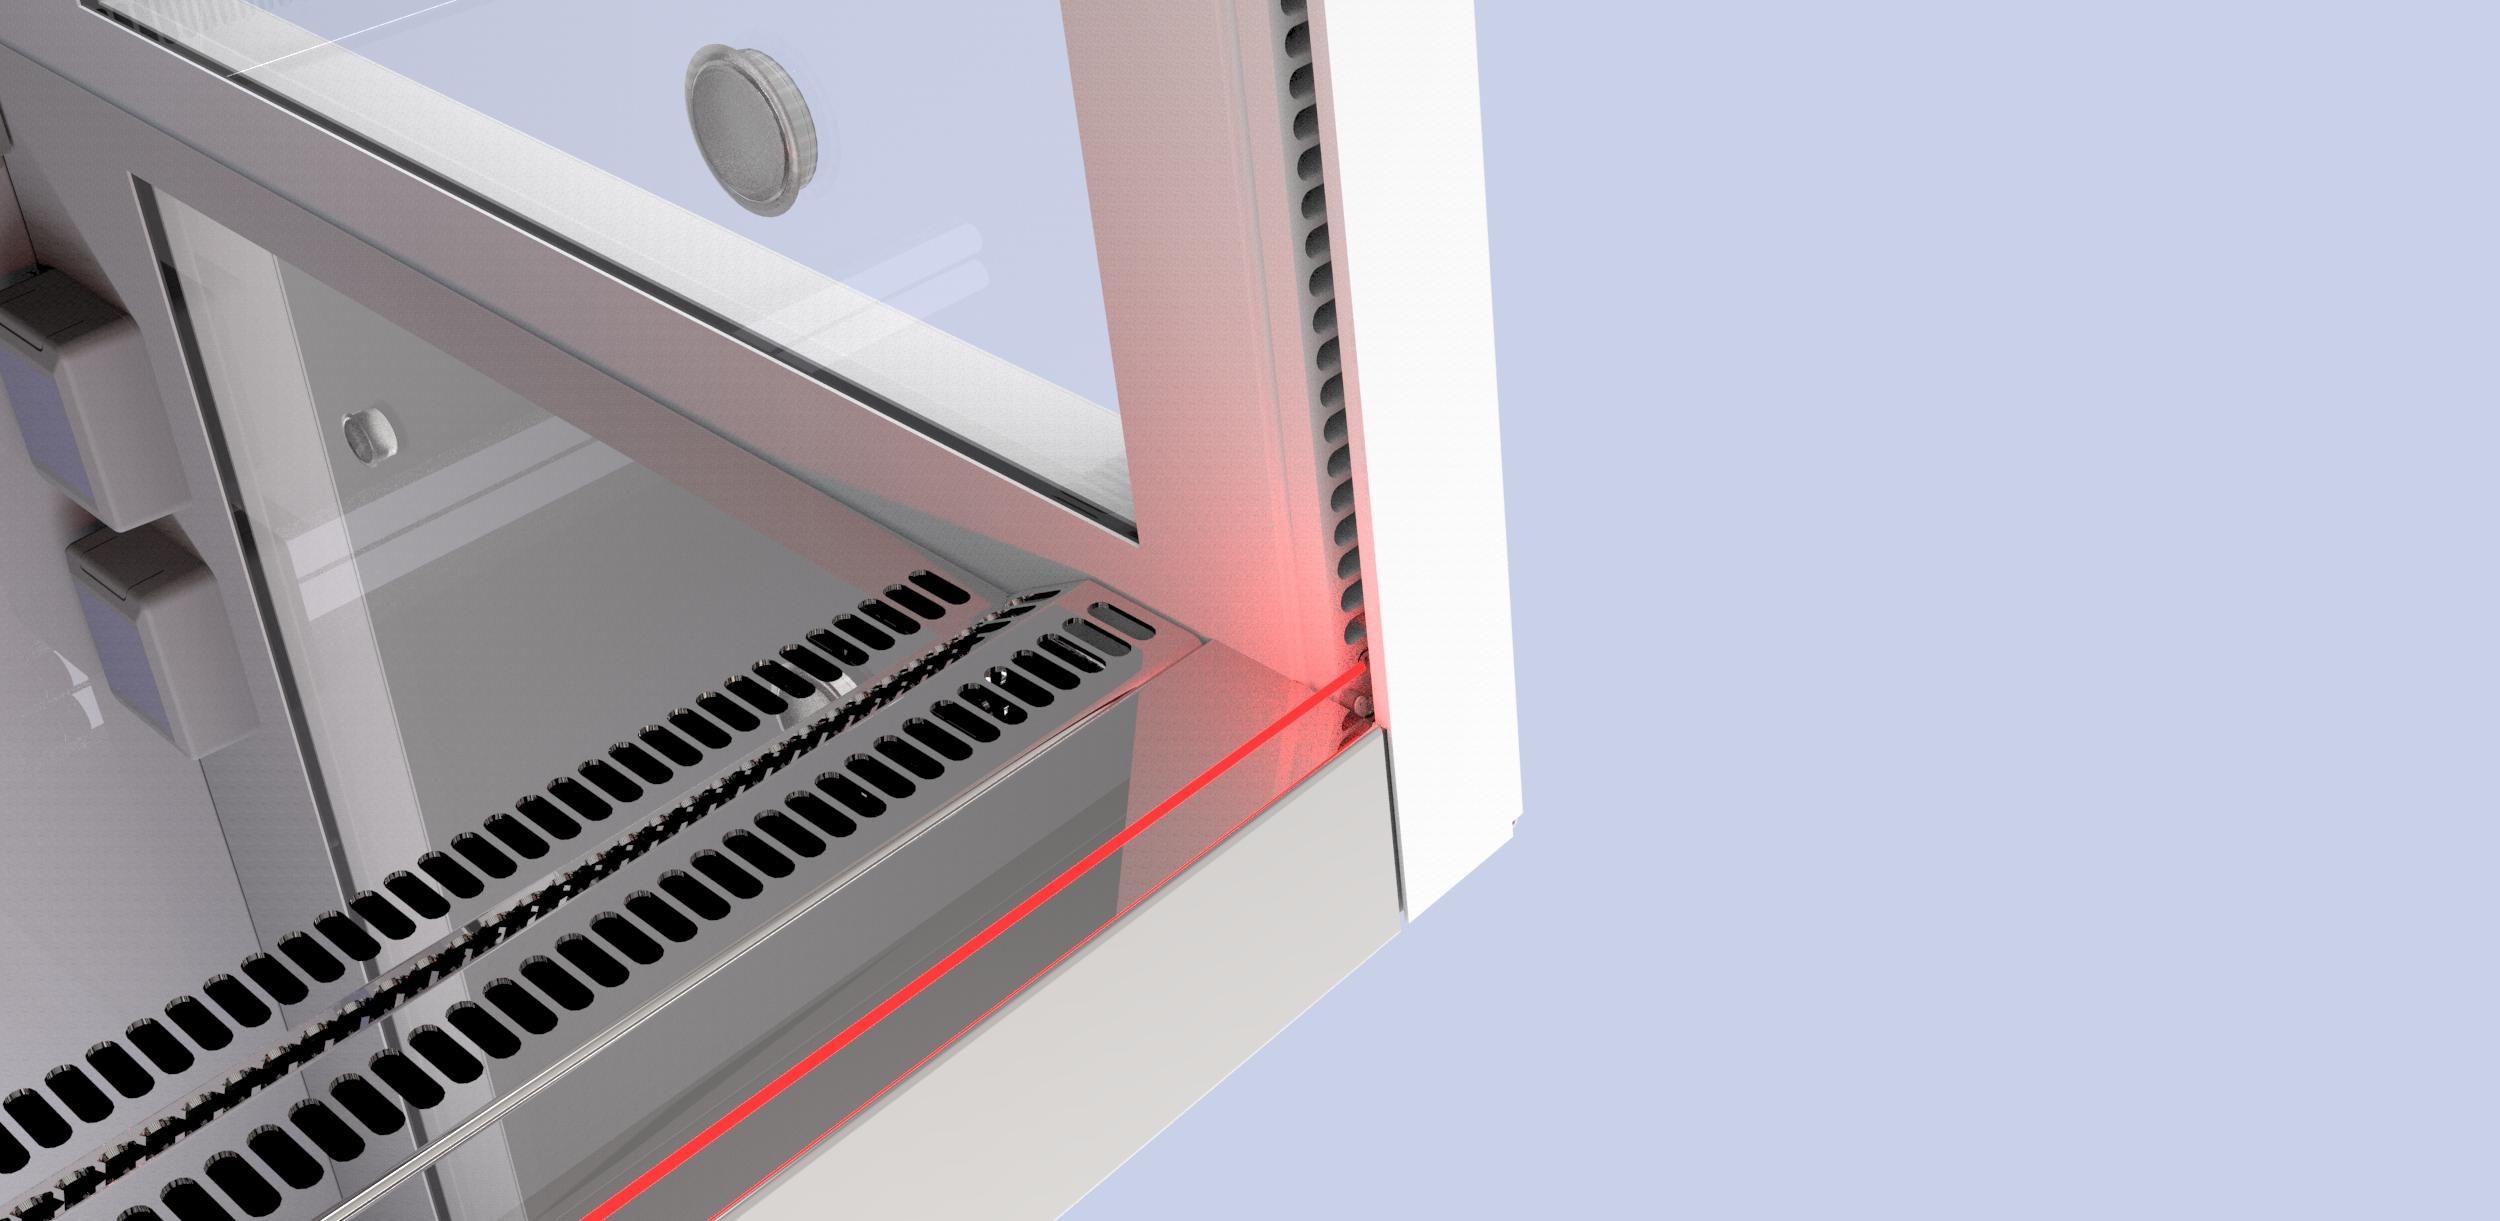 Infra-Red Intelligent Safety Sash (IRISS)